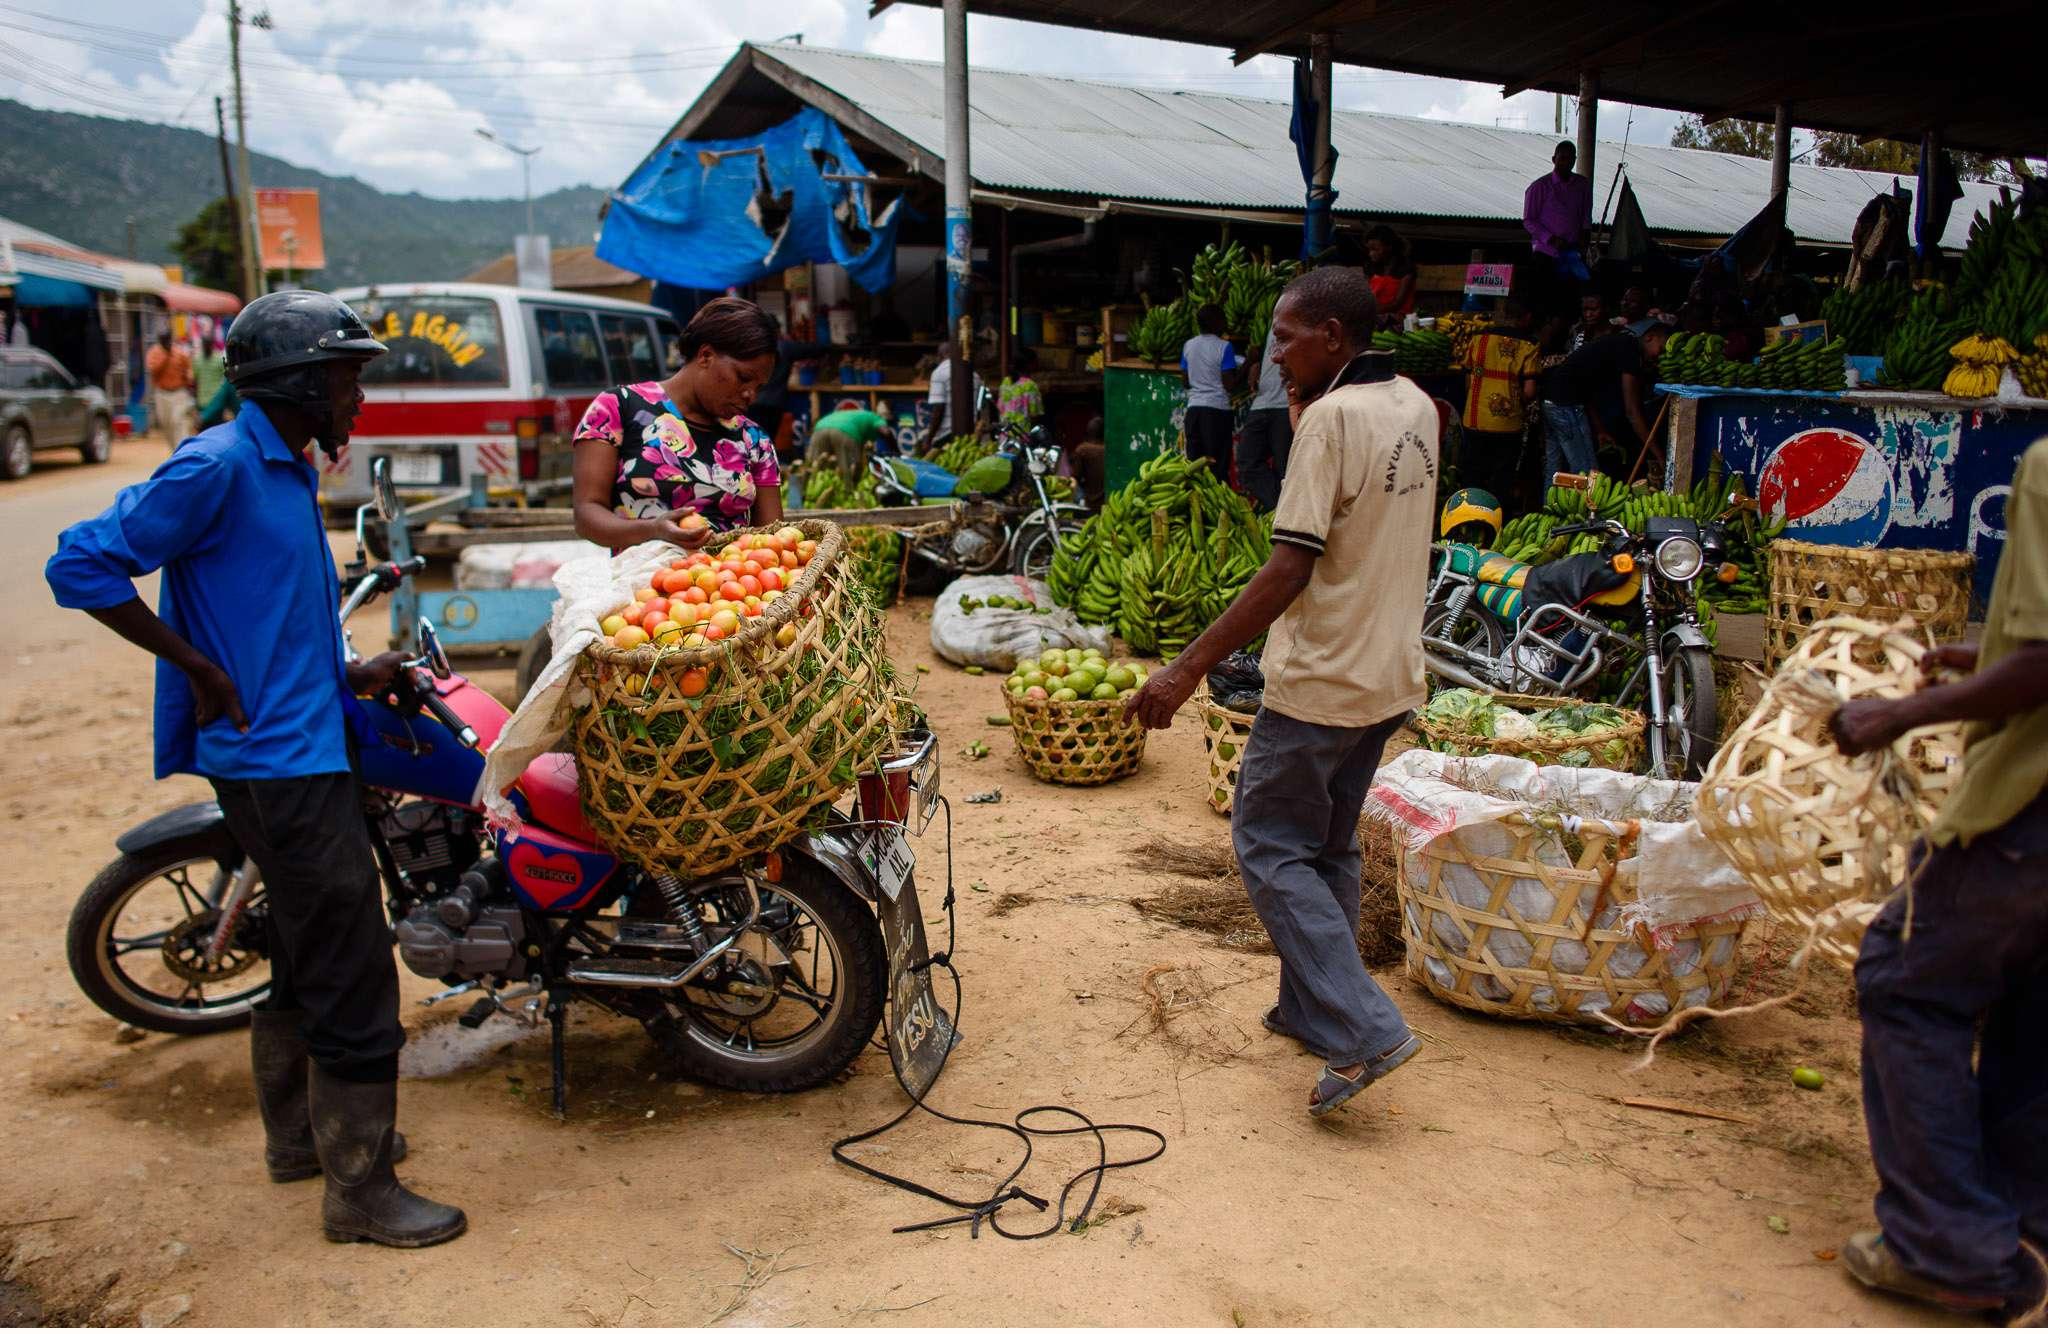 Malawi-Quer durch Afrika- Geschichten von unterwegs by Marion and Daniel-117